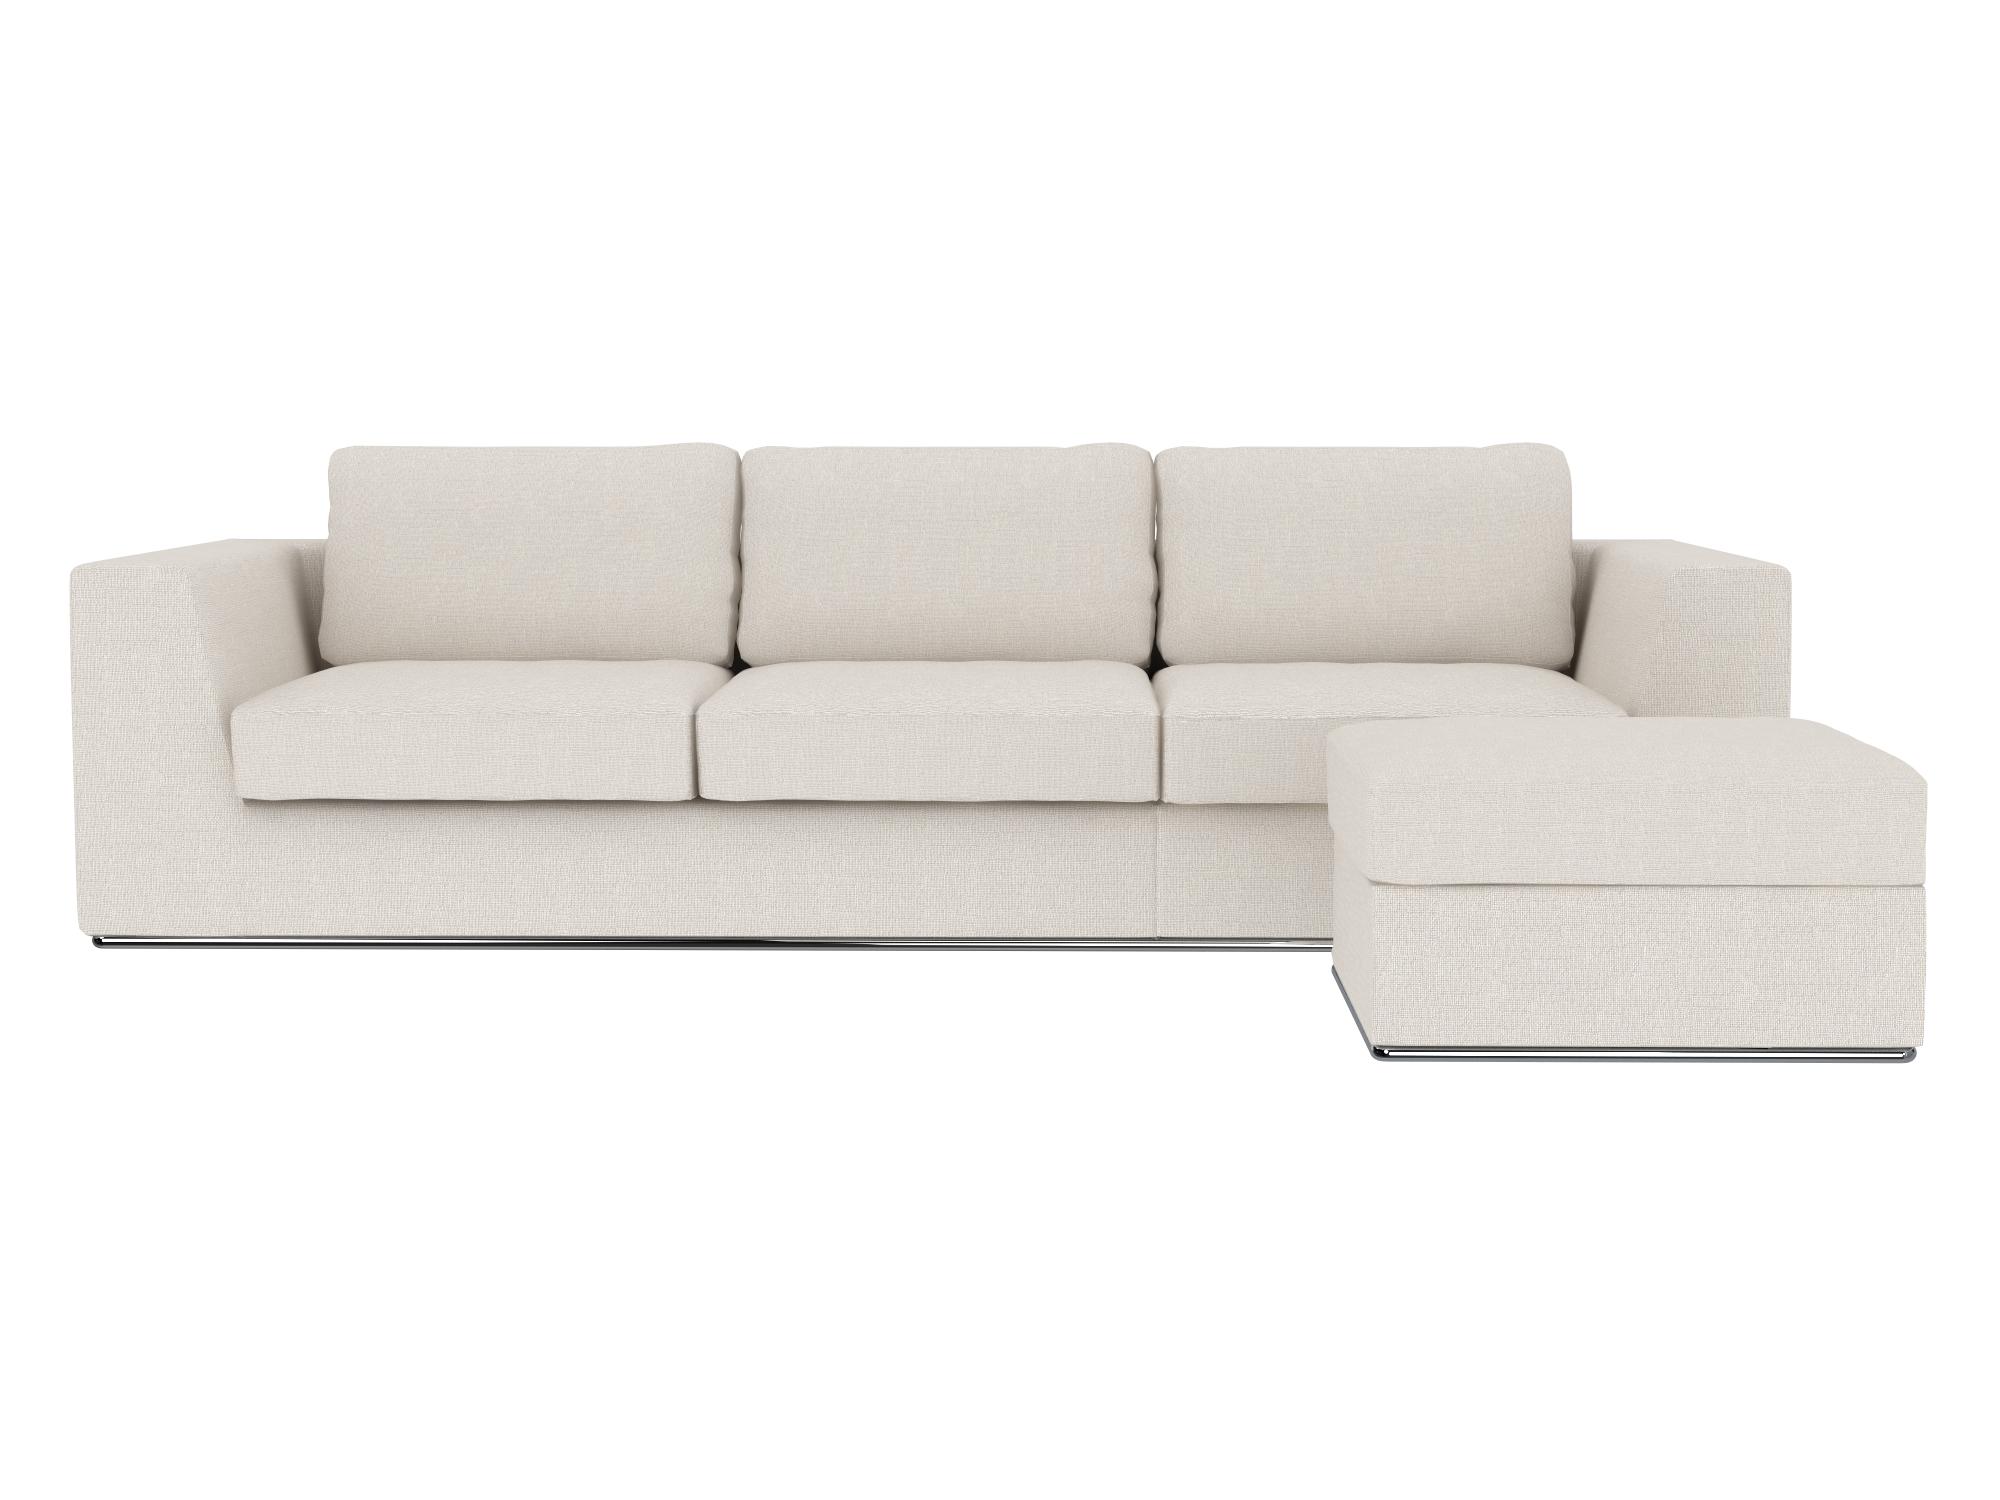 Угловой раскладной диван IgarkaУгловые раскладные диваны<br>&amp;lt;div&amp;gt;Диван-кровать трёхместный с механизмом трансформации на каждый день.&amp;lt;span style=&amp;quot;font-size: 14px;&amp;quot;&amp;gt;&amp;amp;nbsp;&amp;lt;/span&amp;gt;&amp;lt;br&amp;gt;&amp;lt;/div&amp;gt;&amp;lt;div&amp;gt;&amp;lt;br&amp;gt;&amp;lt;/div&amp;gt;&amp;lt;div&amp;gt;Материалы:&amp;lt;/div&amp;gt;&amp;lt;div&amp;gt;Каркас: деревянный брус, фанера, МДФ.&amp;lt;/div&amp;gt;&amp;lt;div&amp;gt;Подушки спинок: холофайбер.&amp;lt;/div&amp;gt;&amp;lt;div&amp;gt;Подушки сидений: пенополиуретан.&amp;lt;/div&amp;gt;&amp;lt;div&amp;gt;Механизм трансформации: Седафлекс.&amp;lt;/div&amp;gt;&amp;lt;div&amp;gt;Основание механизма трансформации: тент и латы.&amp;lt;/div&amp;gt;&amp;lt;div&amp;gt;&amp;lt;br&amp;gt;&amp;lt;/div&amp;gt;&amp;lt;div&amp;gt;&amp;lt;div&amp;gt;Глубина сиденья min:77 cм&amp;lt;/div&amp;gt;&amp;lt;div&amp;gt;Глубина сиденья max:107 cм&amp;lt;/div&amp;gt;&amp;lt;div&amp;gt;Высота сиденья:45 cм&amp;lt;/div&amp;gt;&amp;lt;/div&amp;gt;&amp;lt;div&amp;gt;Размер спального места 1840х1330 мм.&amp;lt;/div&amp;gt;<br><br>Material: Текстиль<br>Width см: 300<br>Depth см: 180<br>Height см: 73